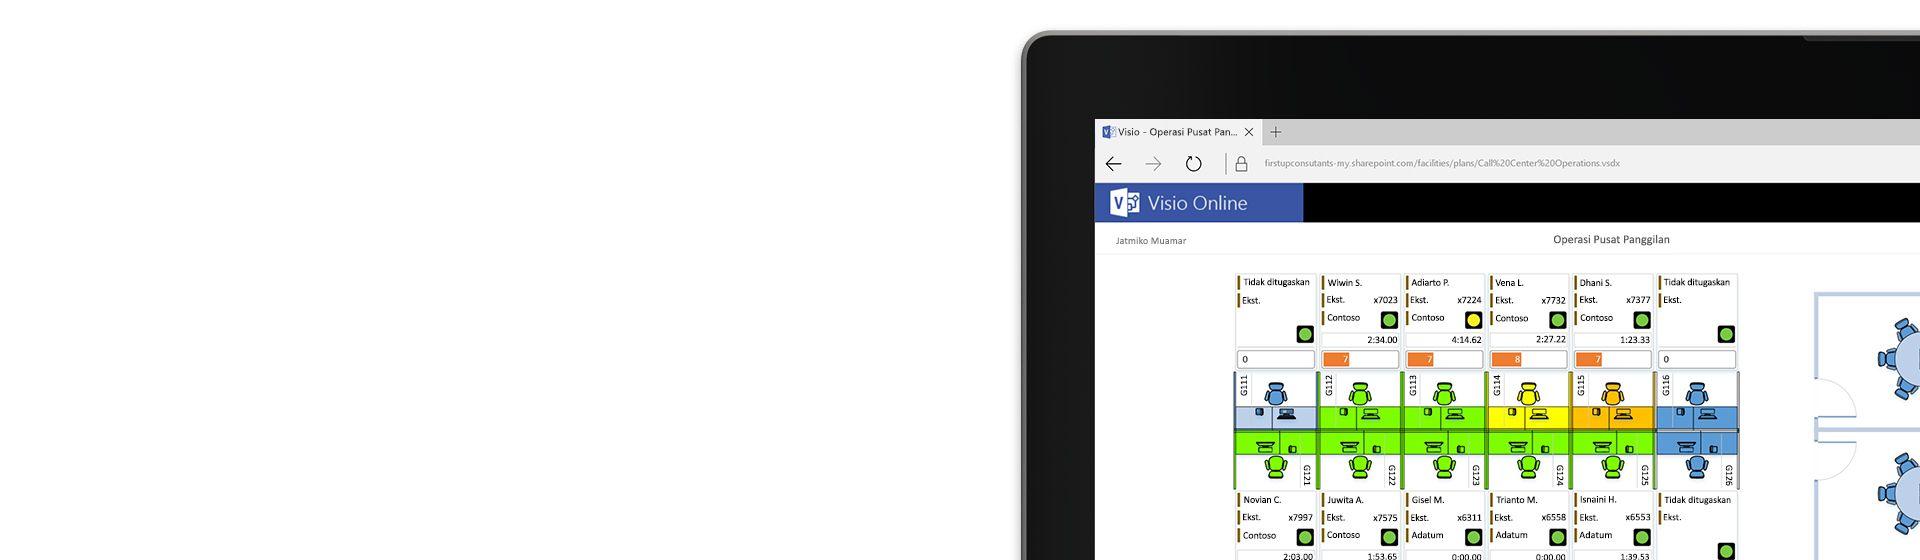 Sudut layar tablet menampilkan diagram denah lantai pusat panggilan di Visio